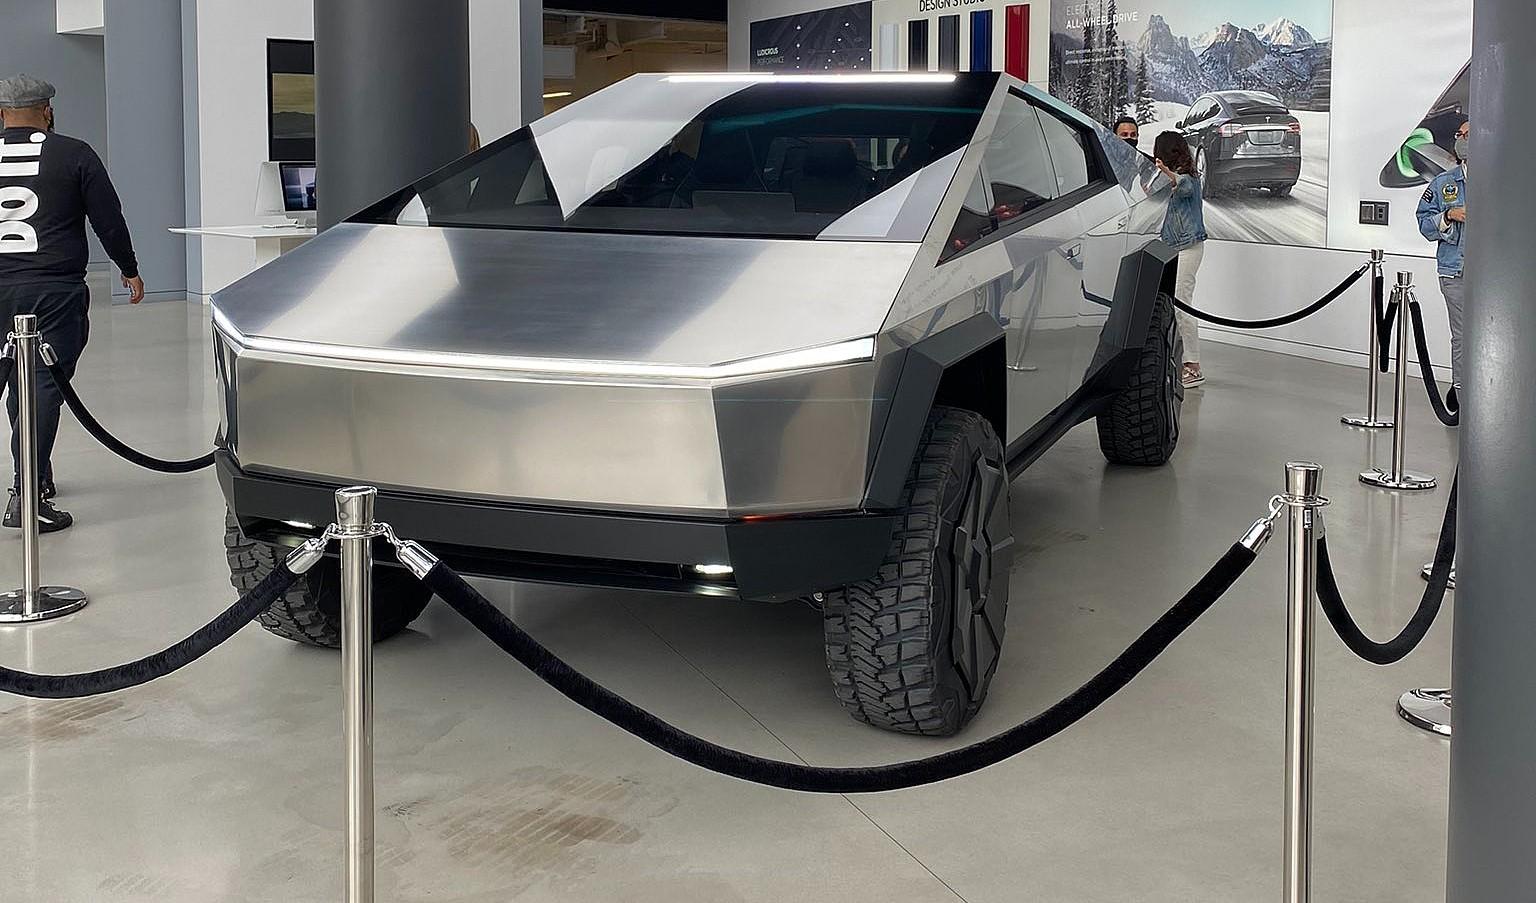 Пик бронирований Tesla Cybertruck - более 1 миллиона единиц, самый популярный - двухмоторный